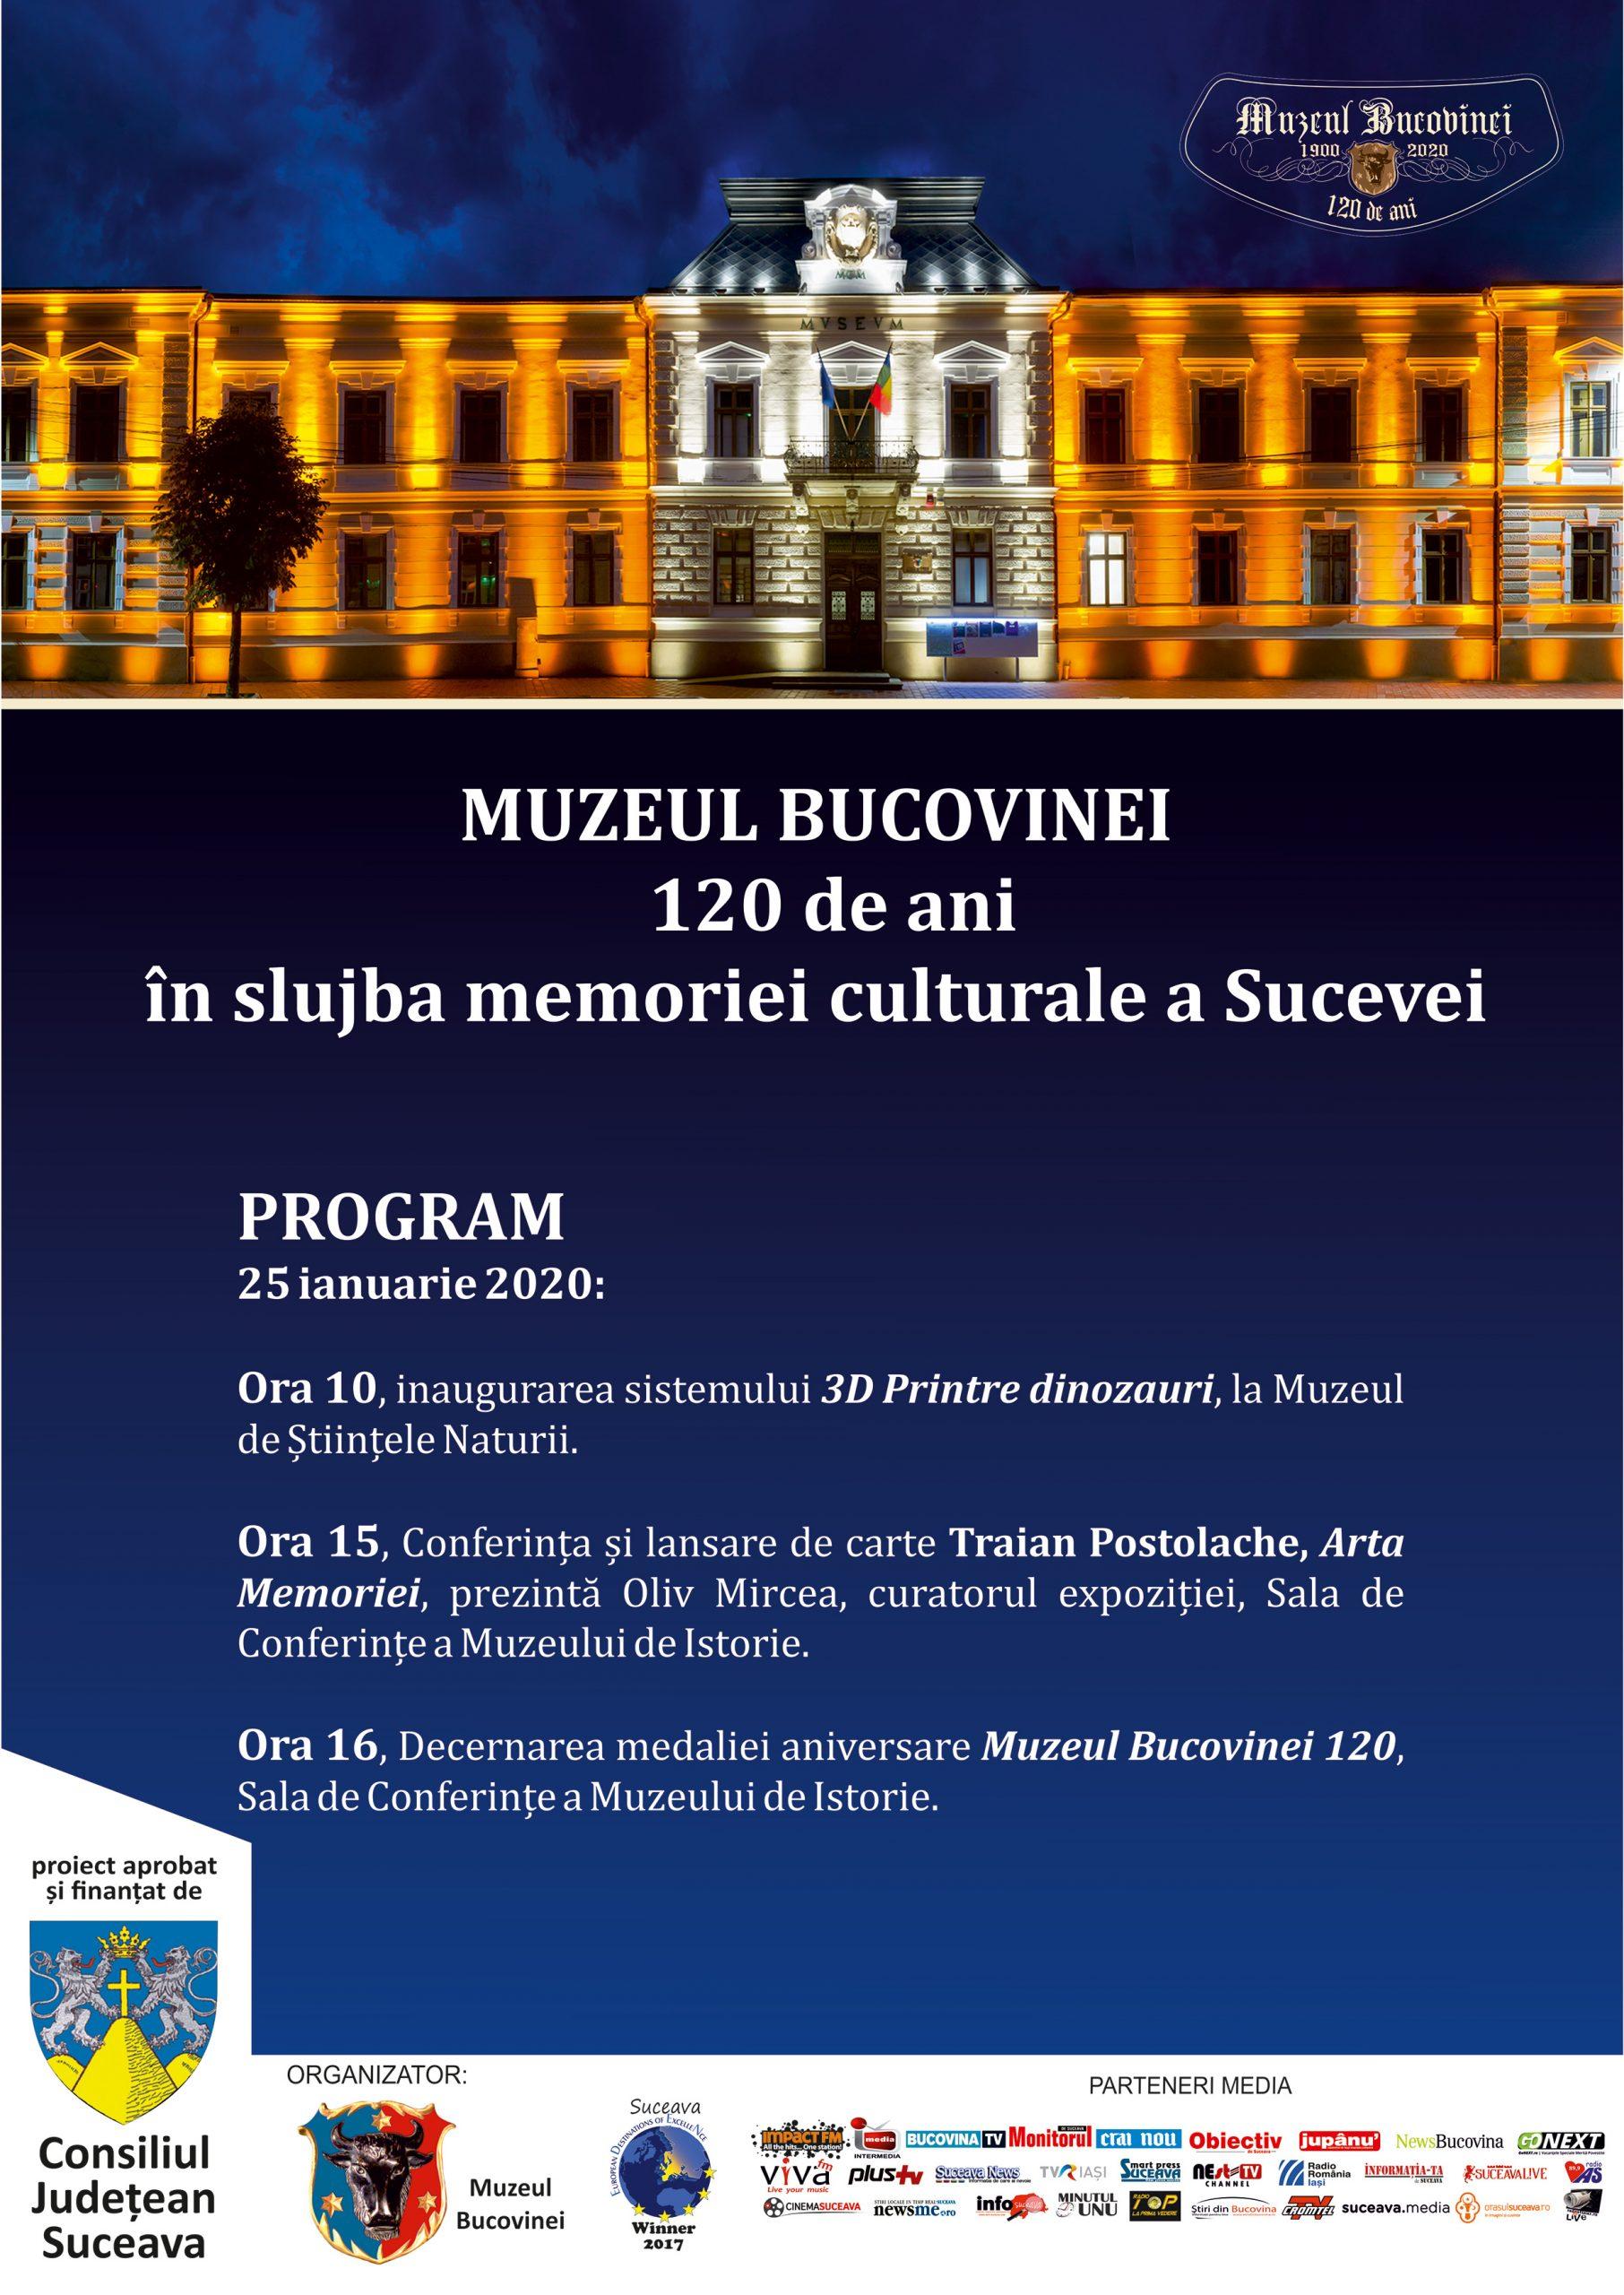 Muzeul Bucovinei – 120 de ani în slujba memoriei culturale a Sucevei